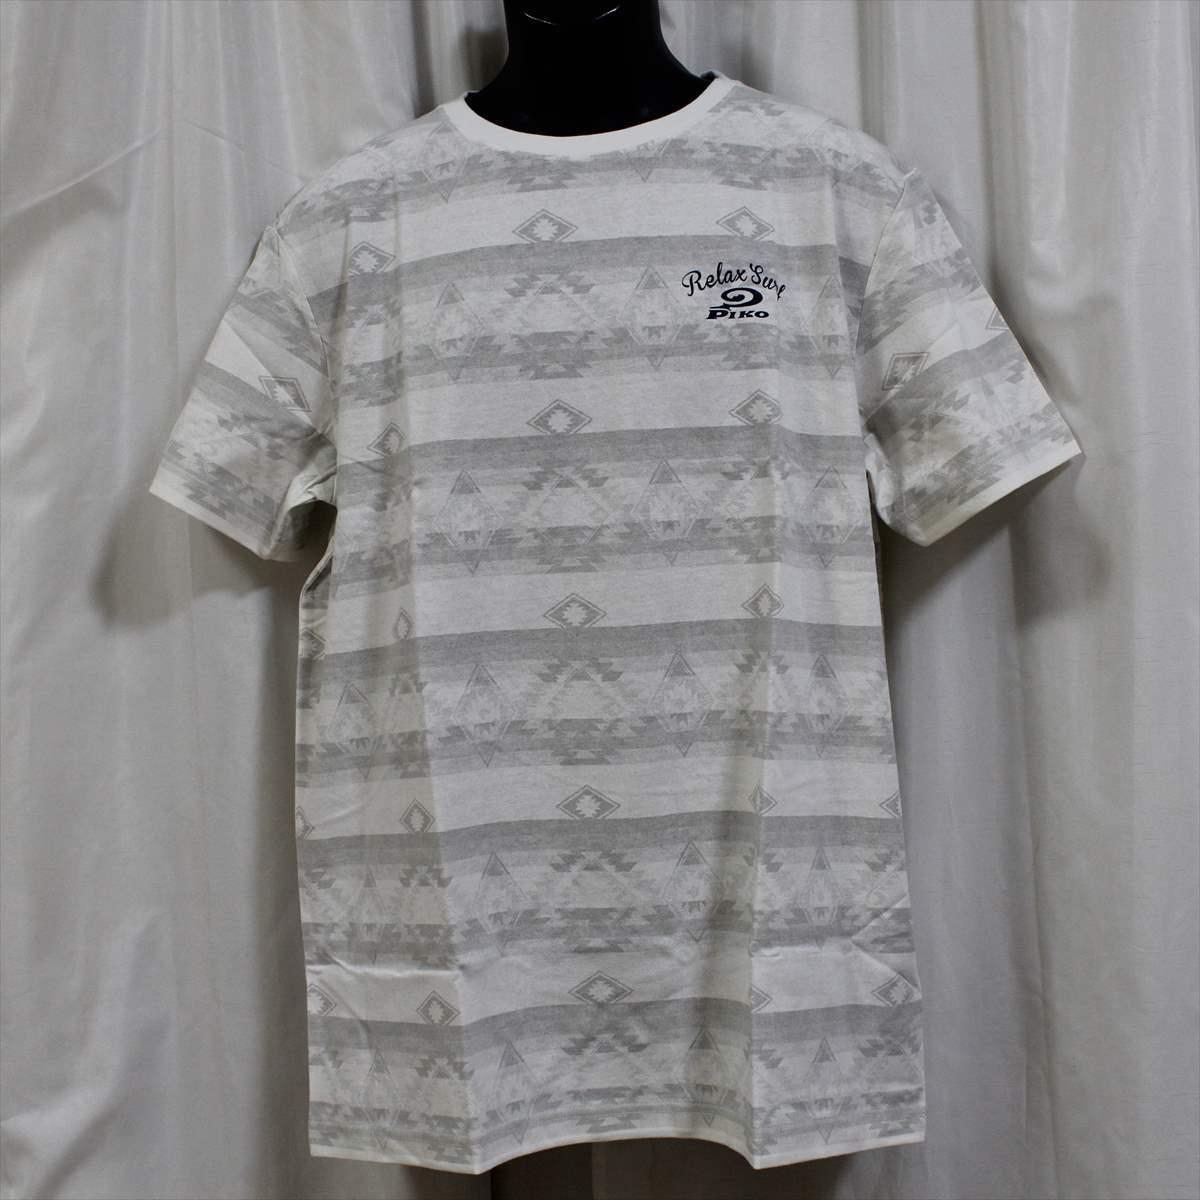 ピコ PIKO メンズ半袖Tシャツ ホワイト XLサイズ 新品 白_画像1